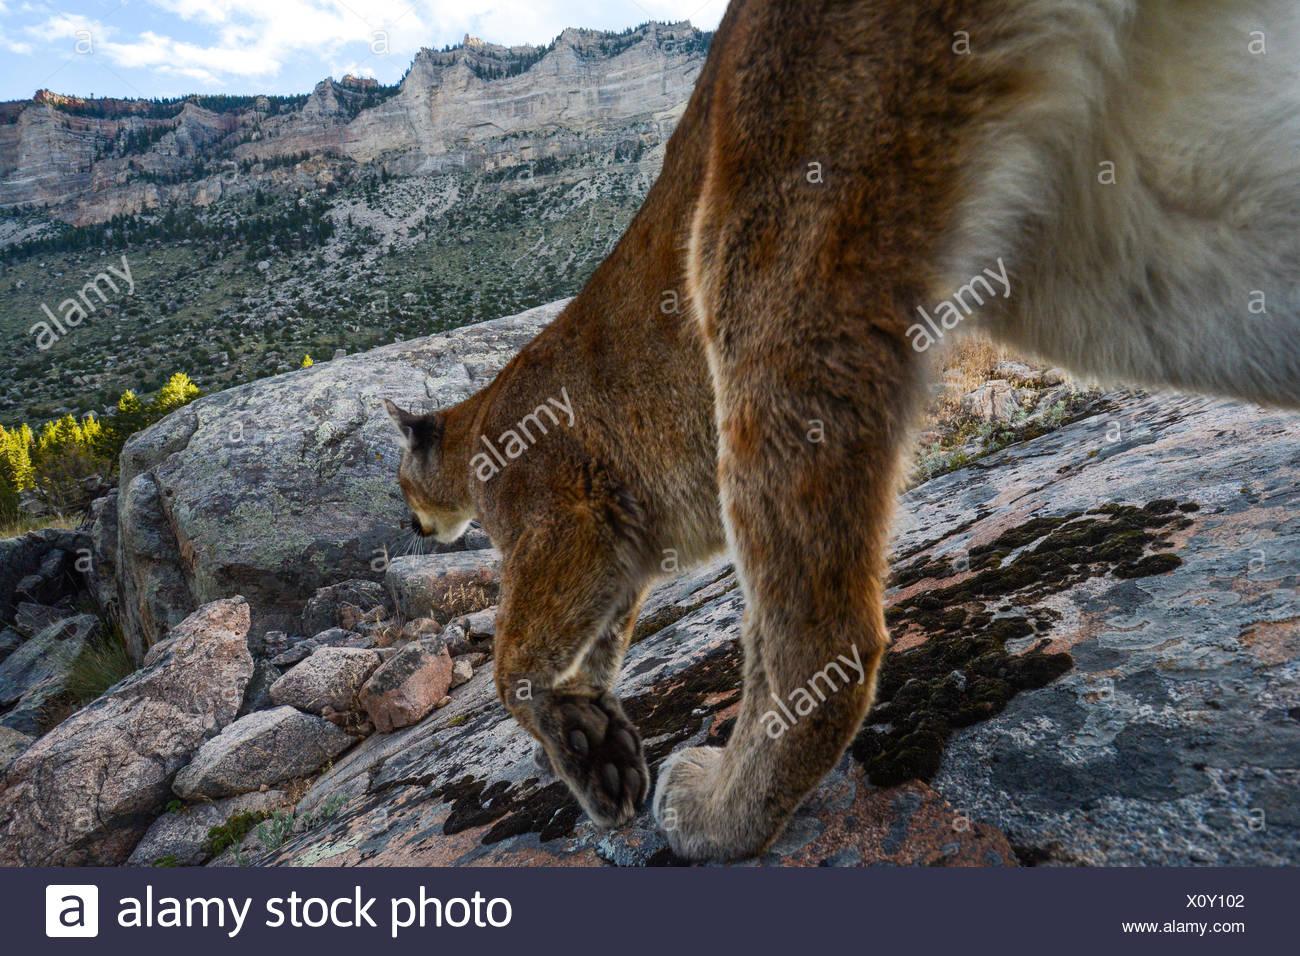 Una telecamera remota acquisisce una montagna di Lion in Wyoming della grande ecosistema di Yellowstone. Immagini Stock